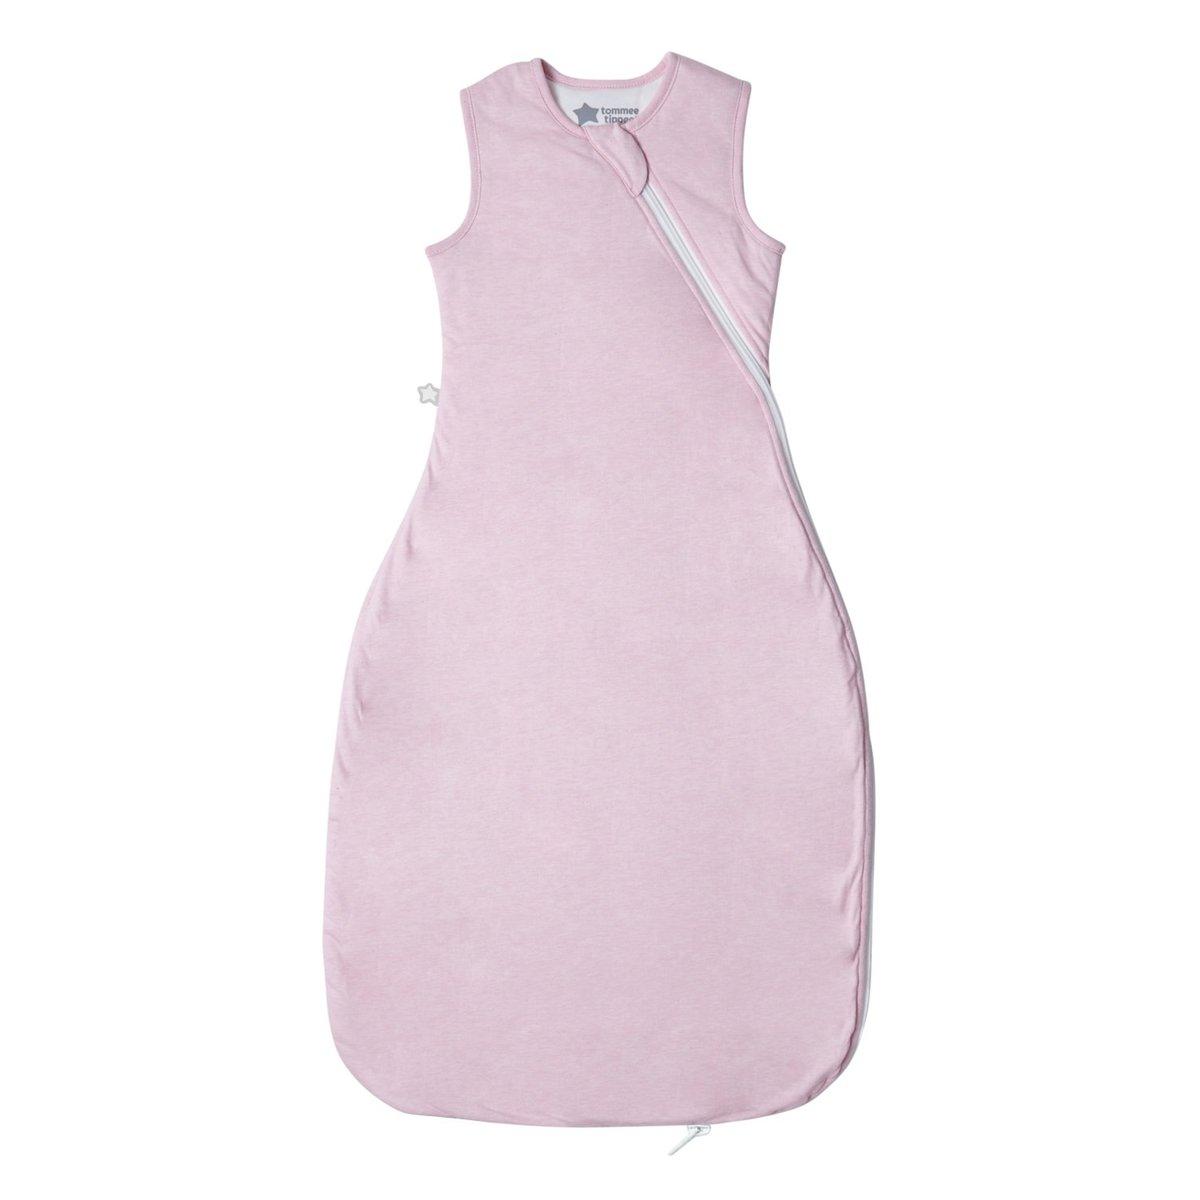 嬰兒睡袋 6-18個月 0.2TOG - 粉紅色